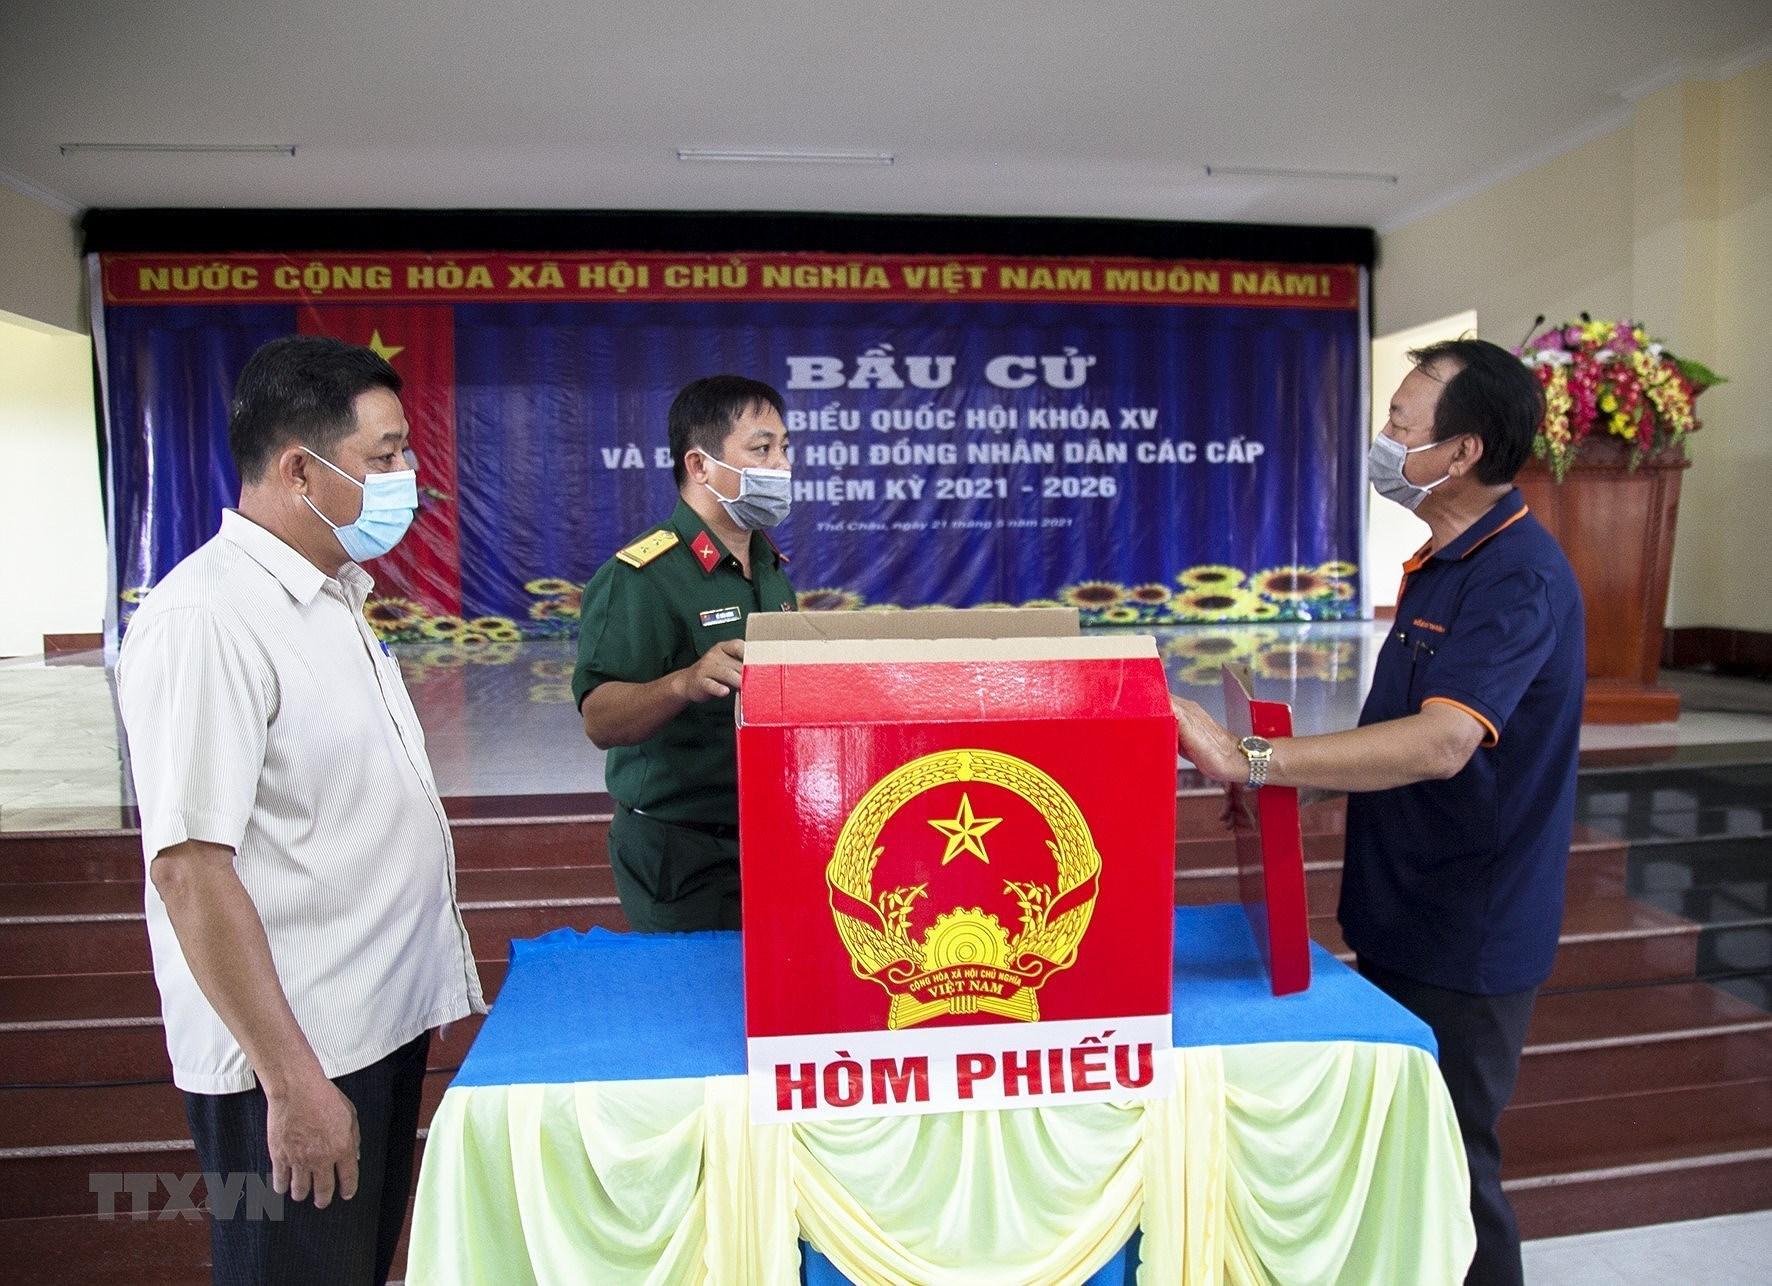 Hung Yen, Kien Giang, Bac Lieu chuan bi tot moi mat cho Ngay bau cu hinh anh 2